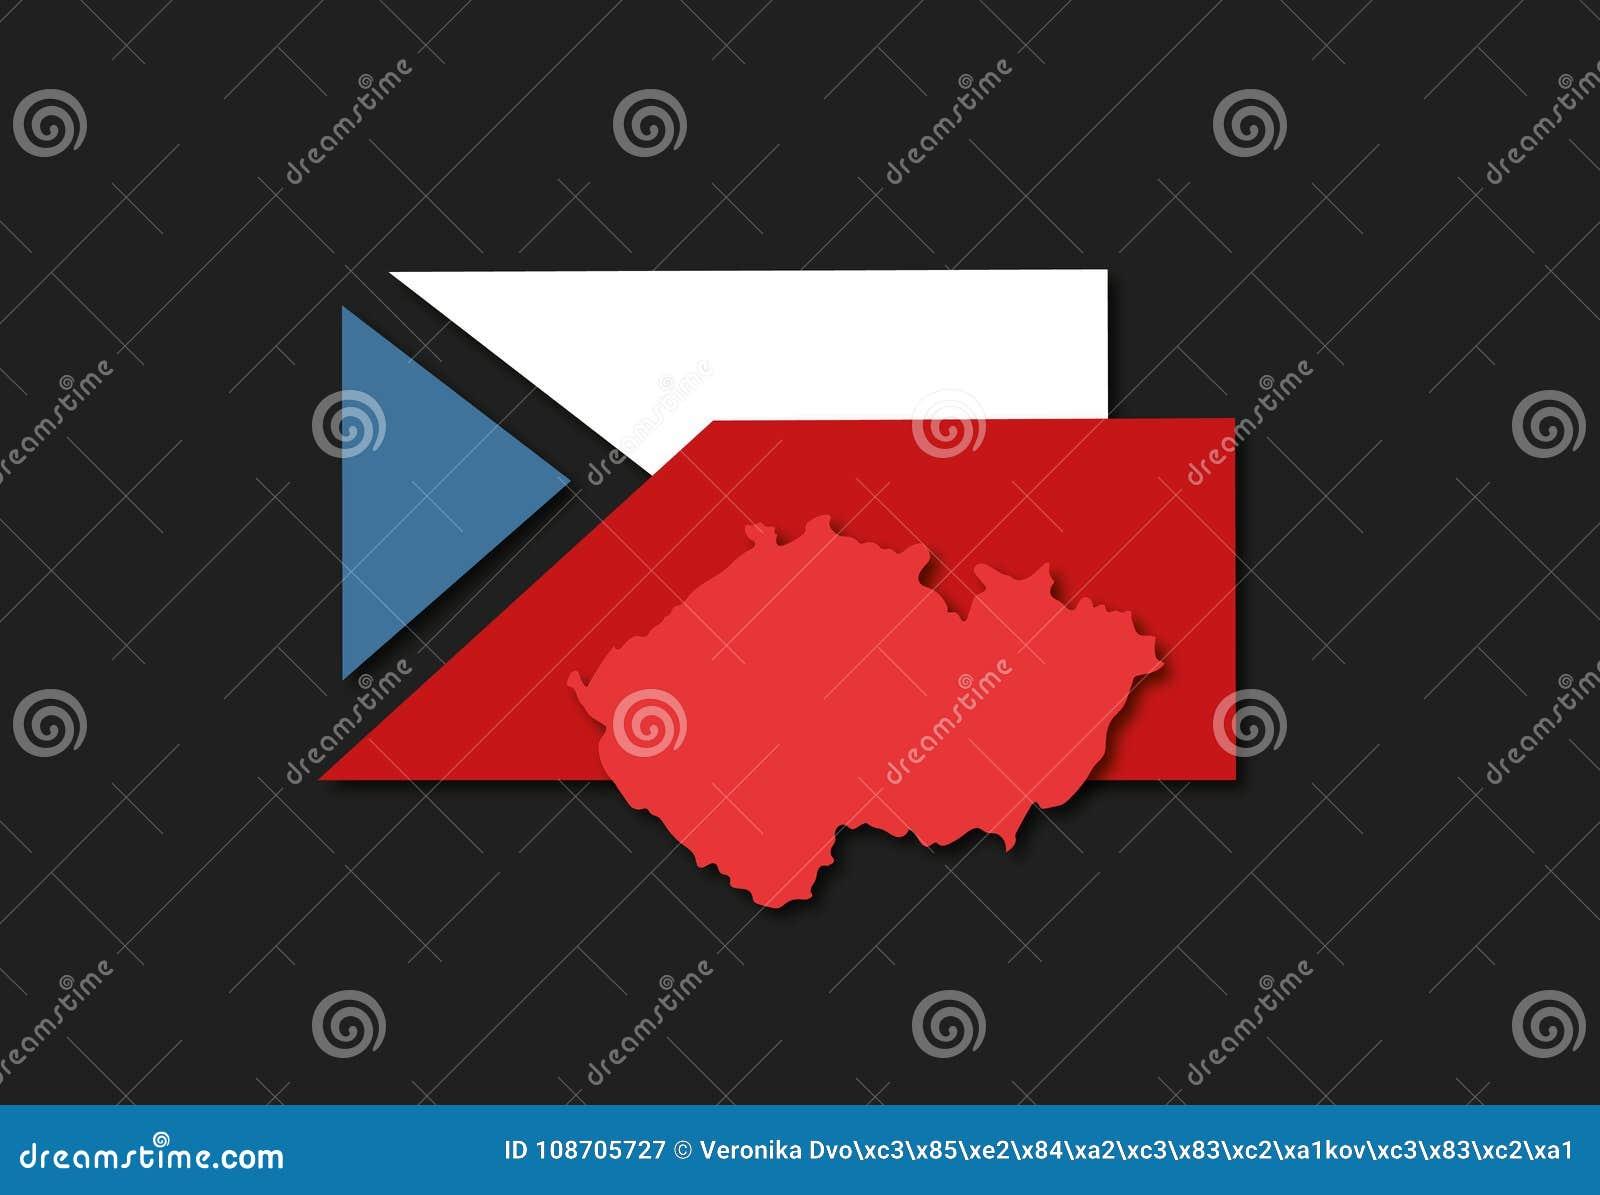 Infographics a la elección presidencial en la República Checa que destaca la disparidad de votantes checos